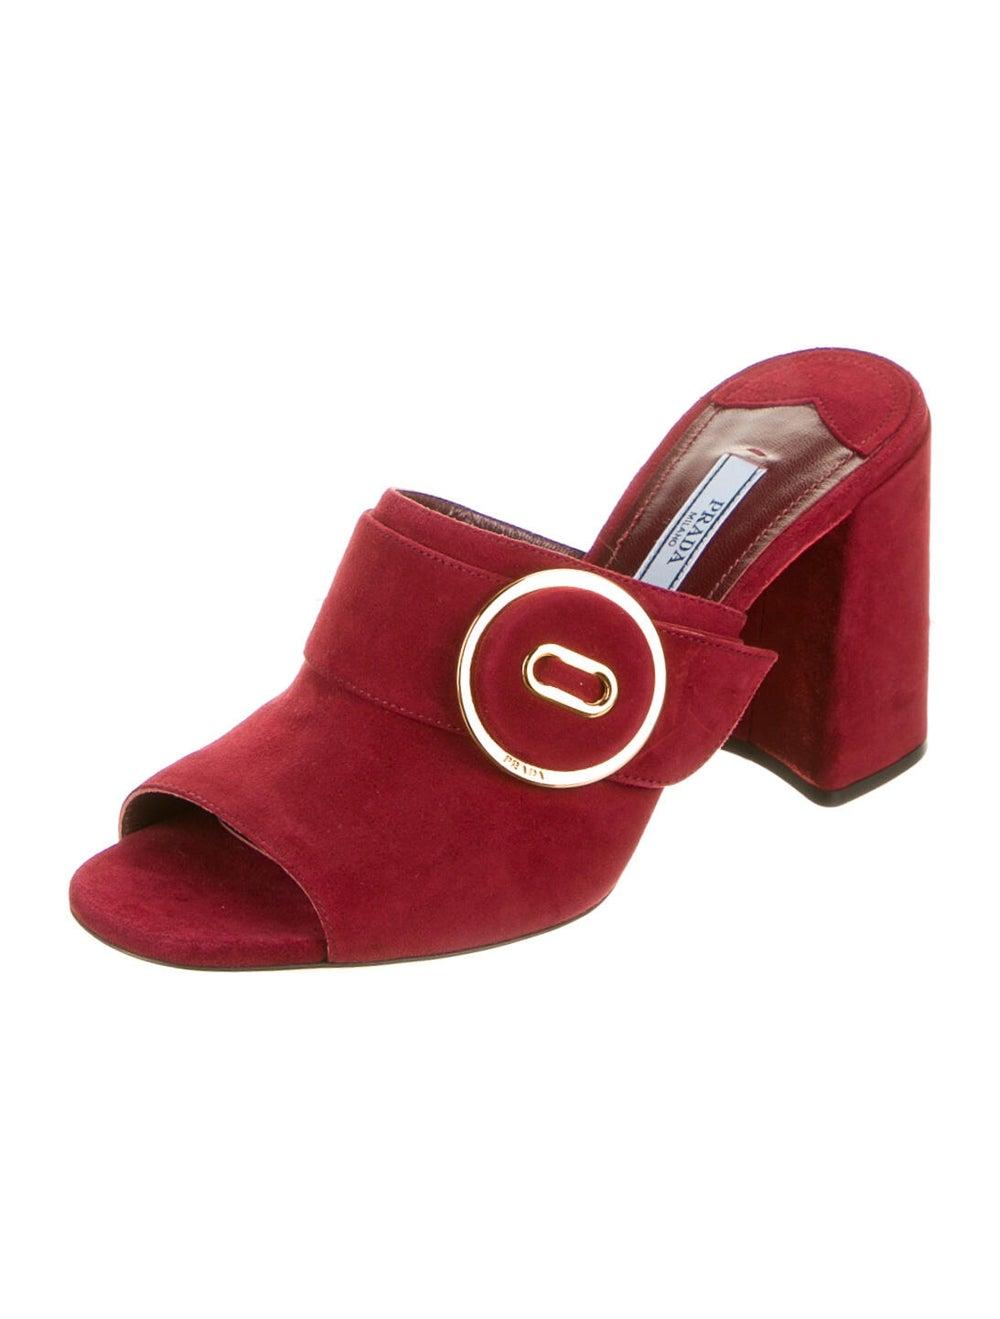 Prada Suede Sandals - image 2